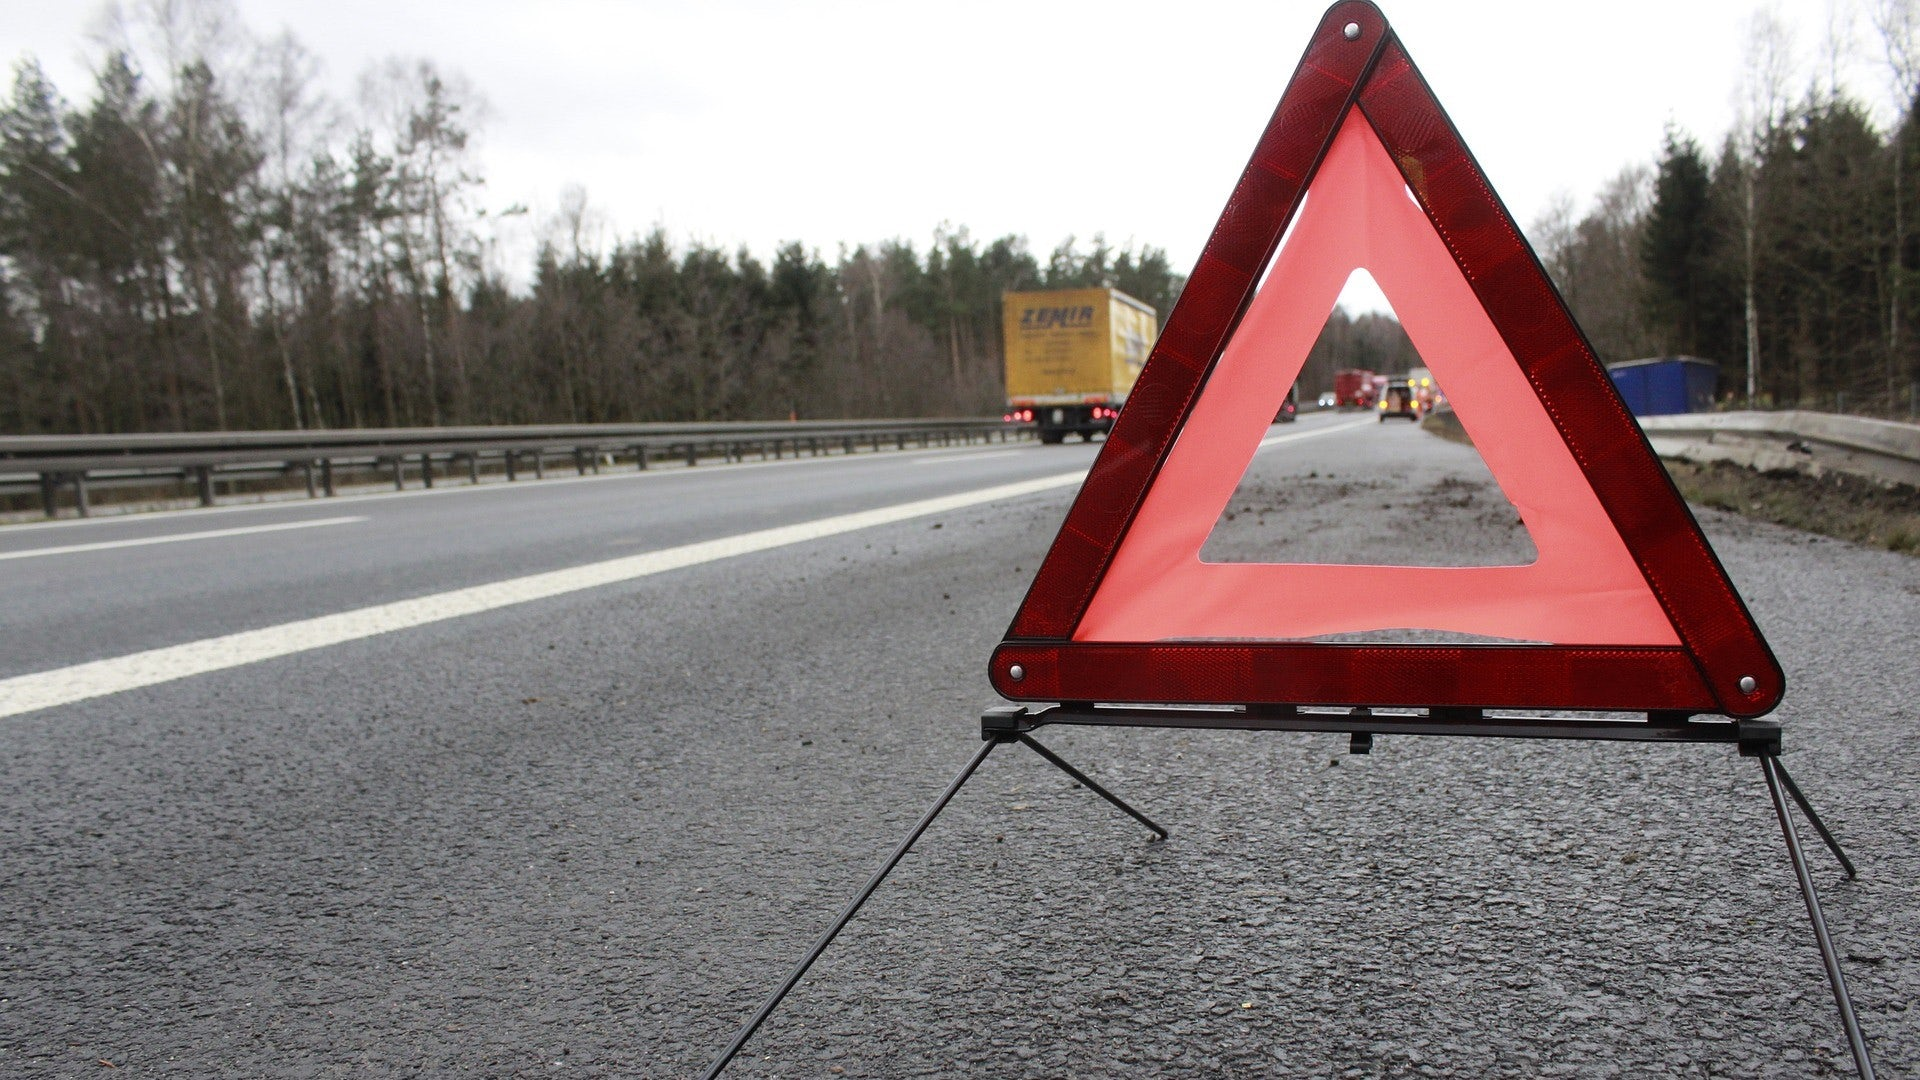 En varningstriangel som är utsatt i vägrenen på en motorväg.